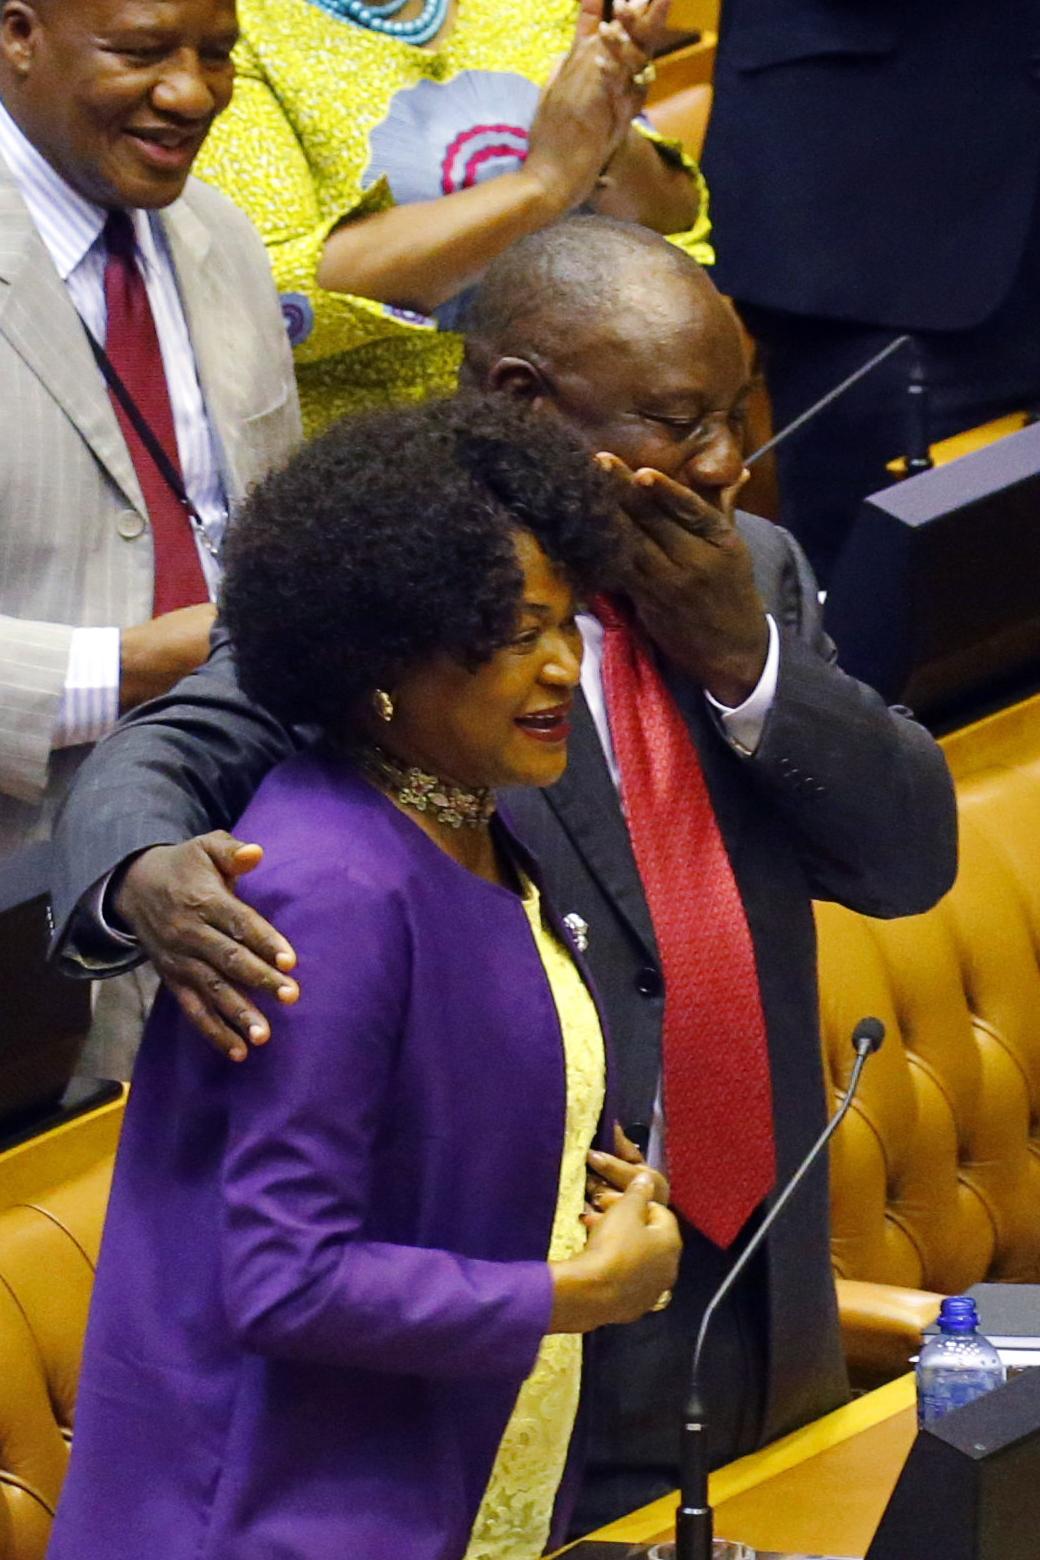 سيريل رامافوسا رئيس جنوب أفريقيا الجديد